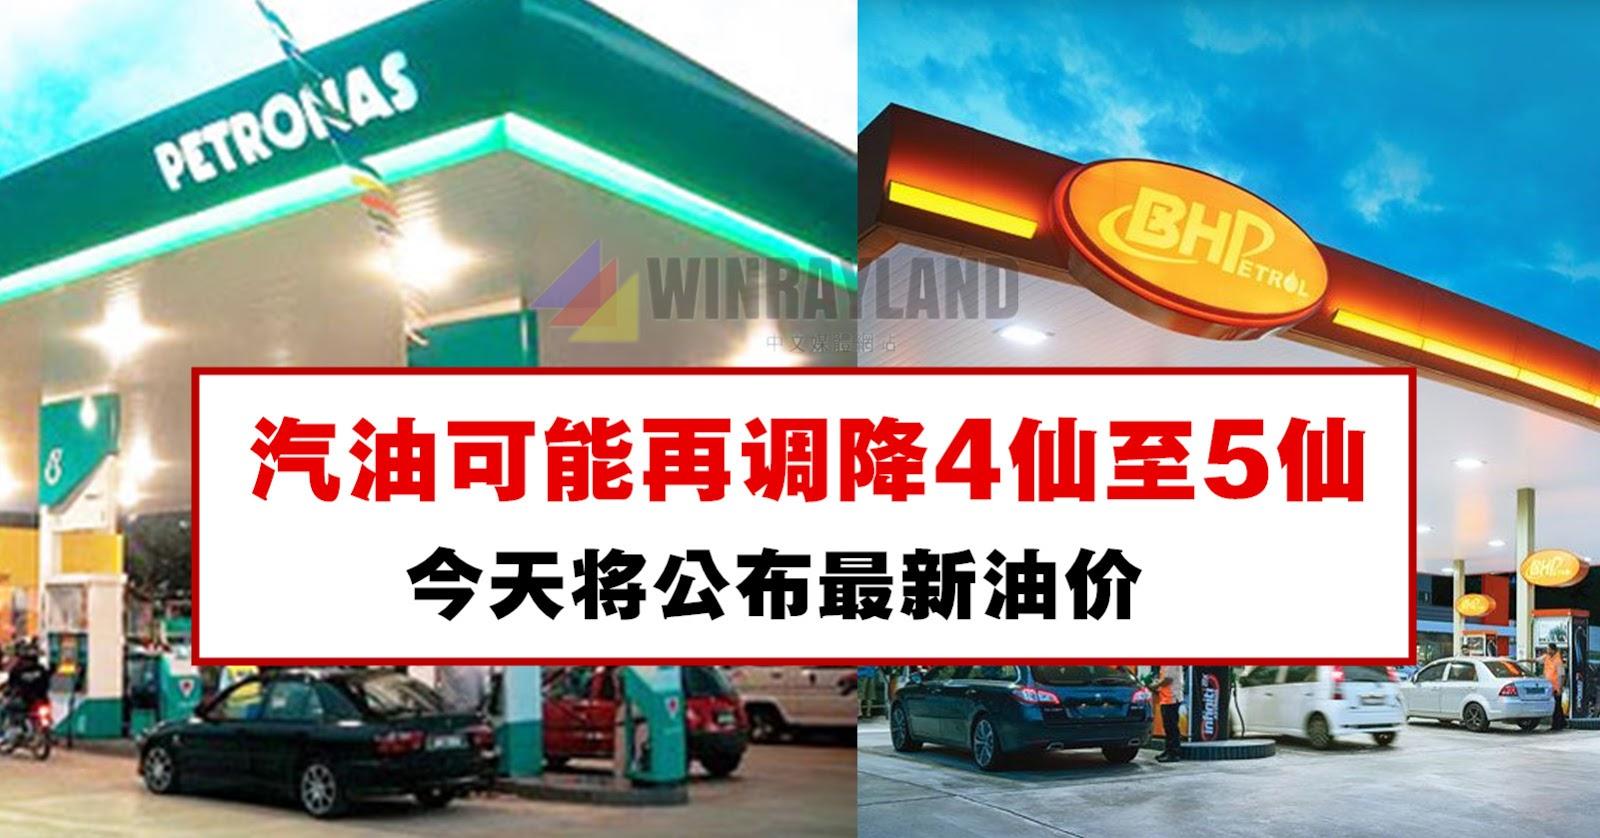 汽油可能再调降4仙至5仙,今天将公布最新油价